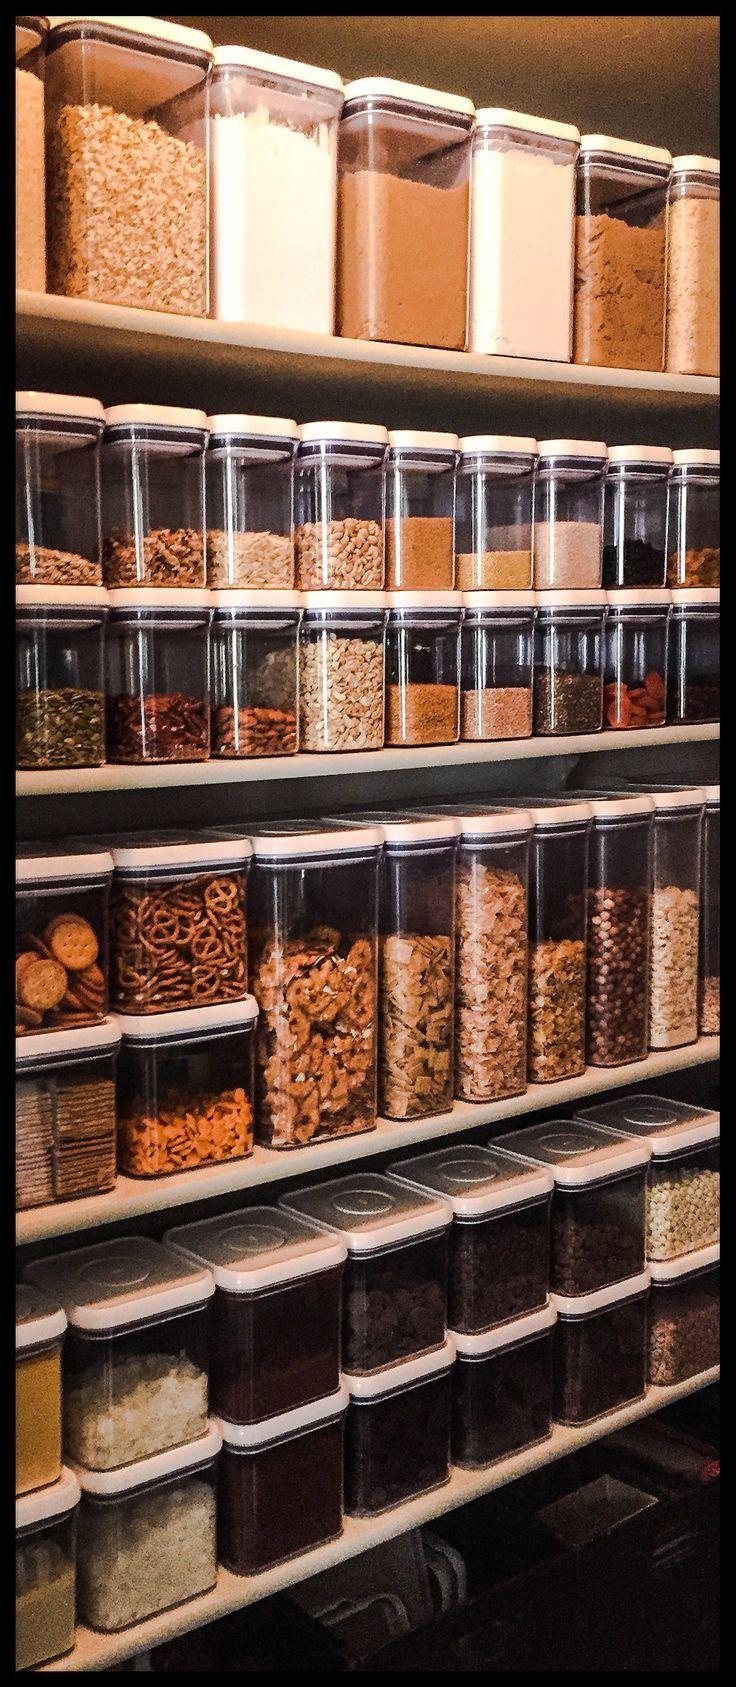 Pantry Organization | Bonbons | Pinterest | Vorratsschrank, Küche ...